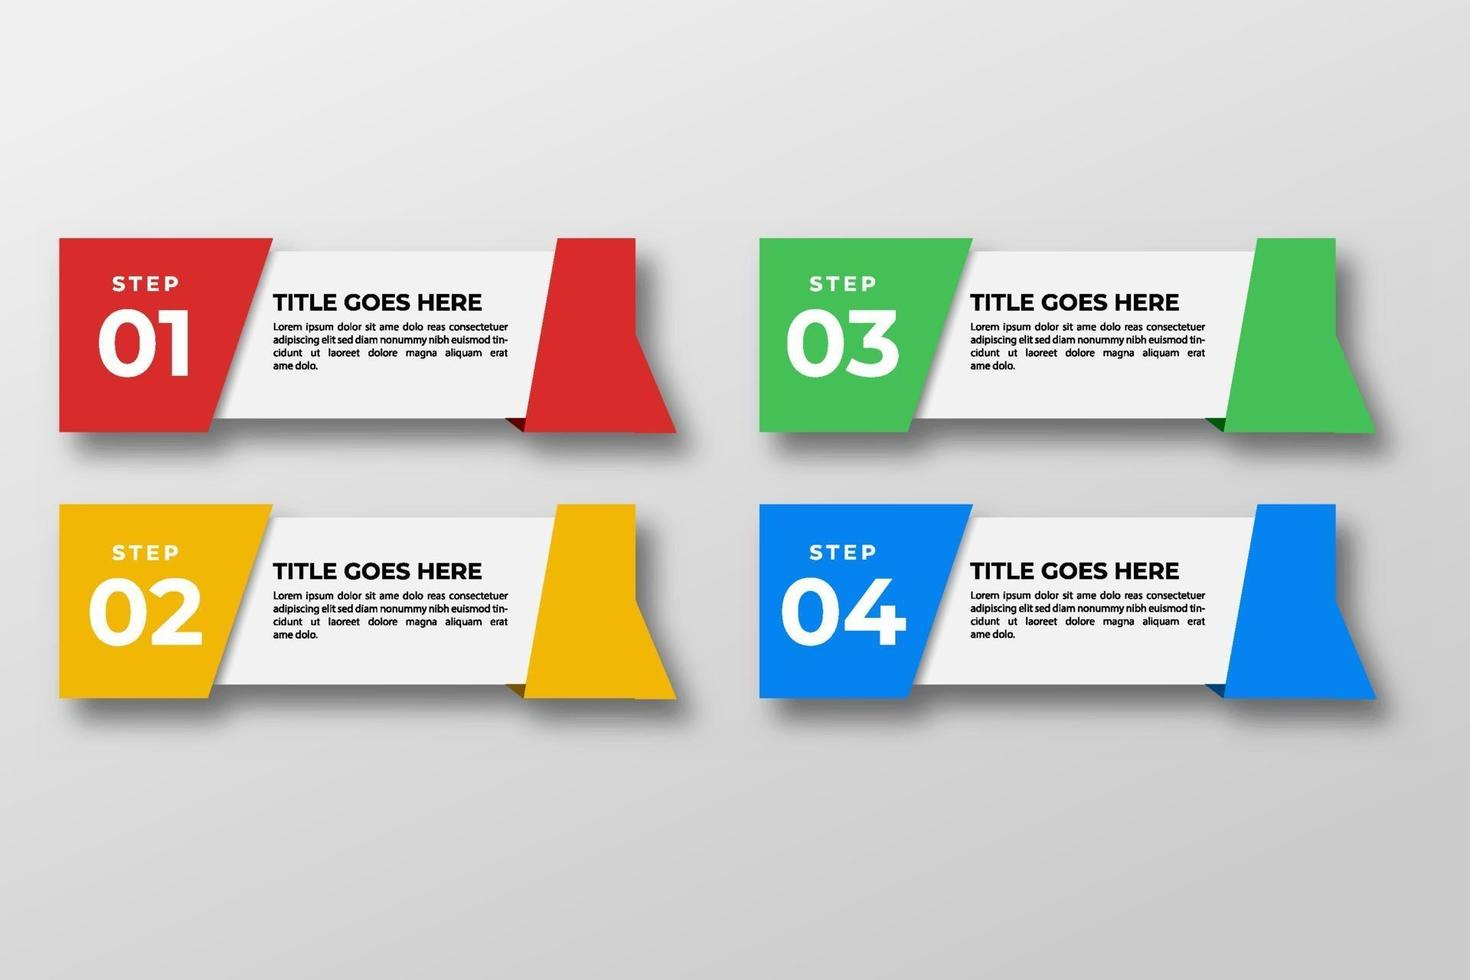 presentación plantilla de elemento de infografía empresarial. ilustración vectorial. se puede utilizar para procesos, presentaciones, diseño, banner, gráfico de información. vector